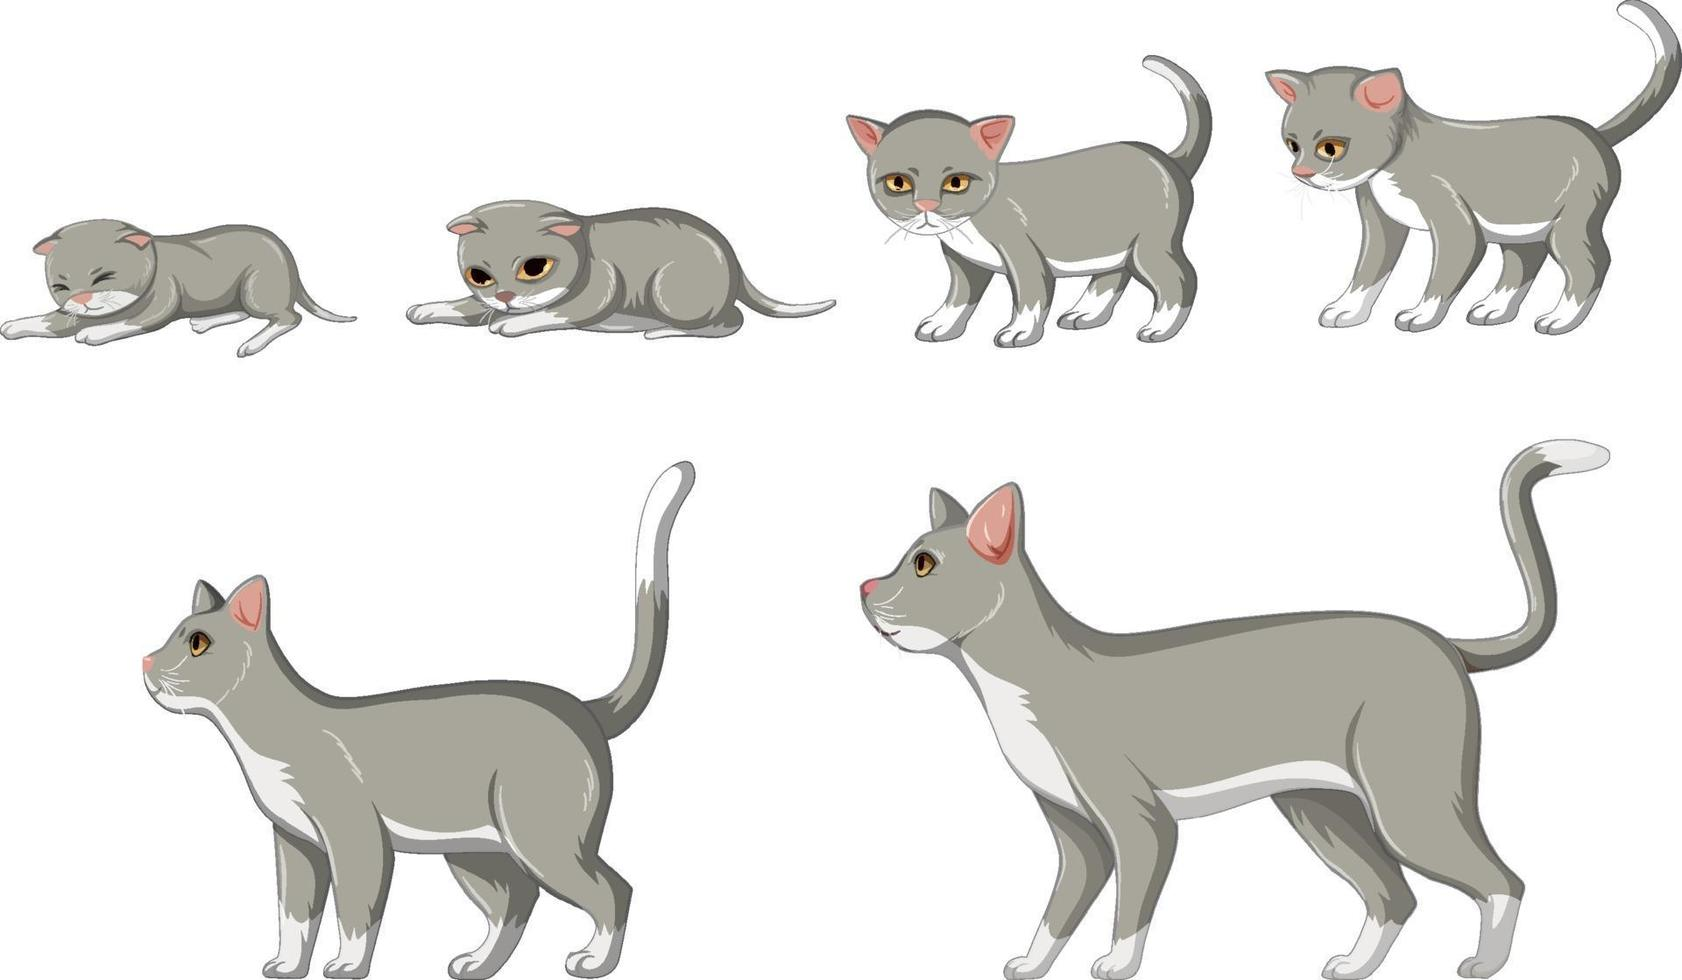 Katzenwachstumsstadium auf weißem Hintergrund vektor